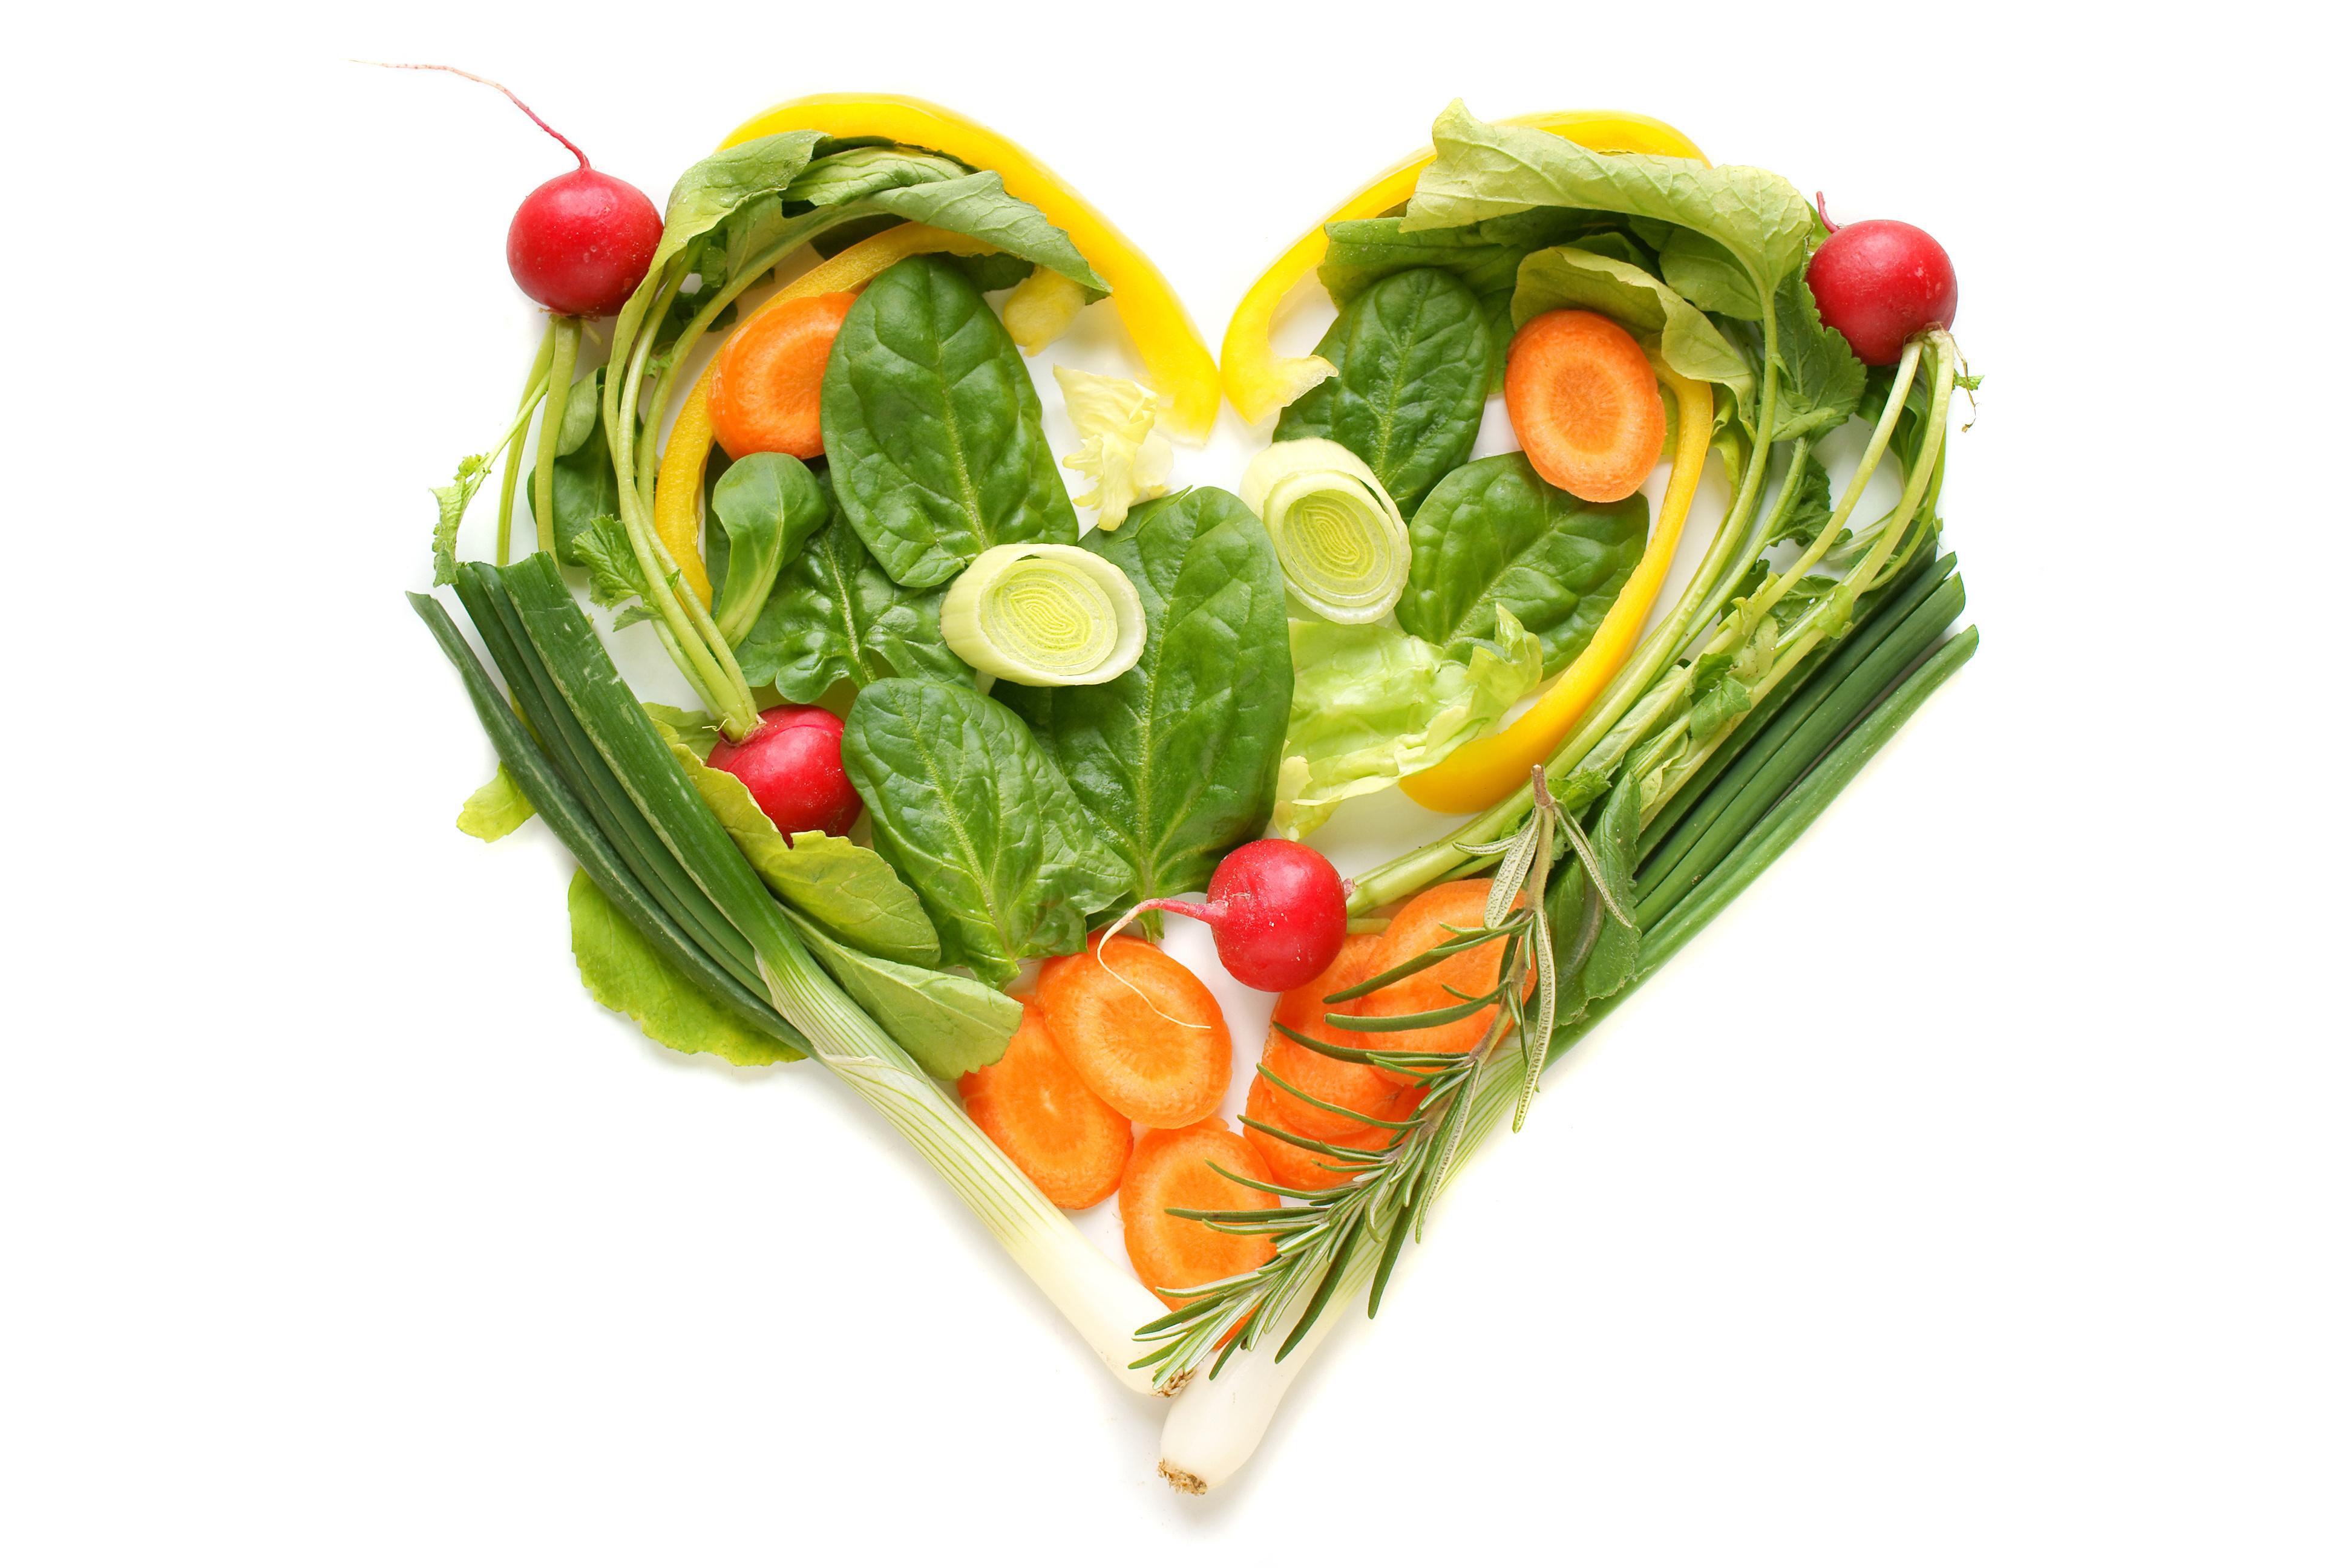 аюрведа питание для похудения